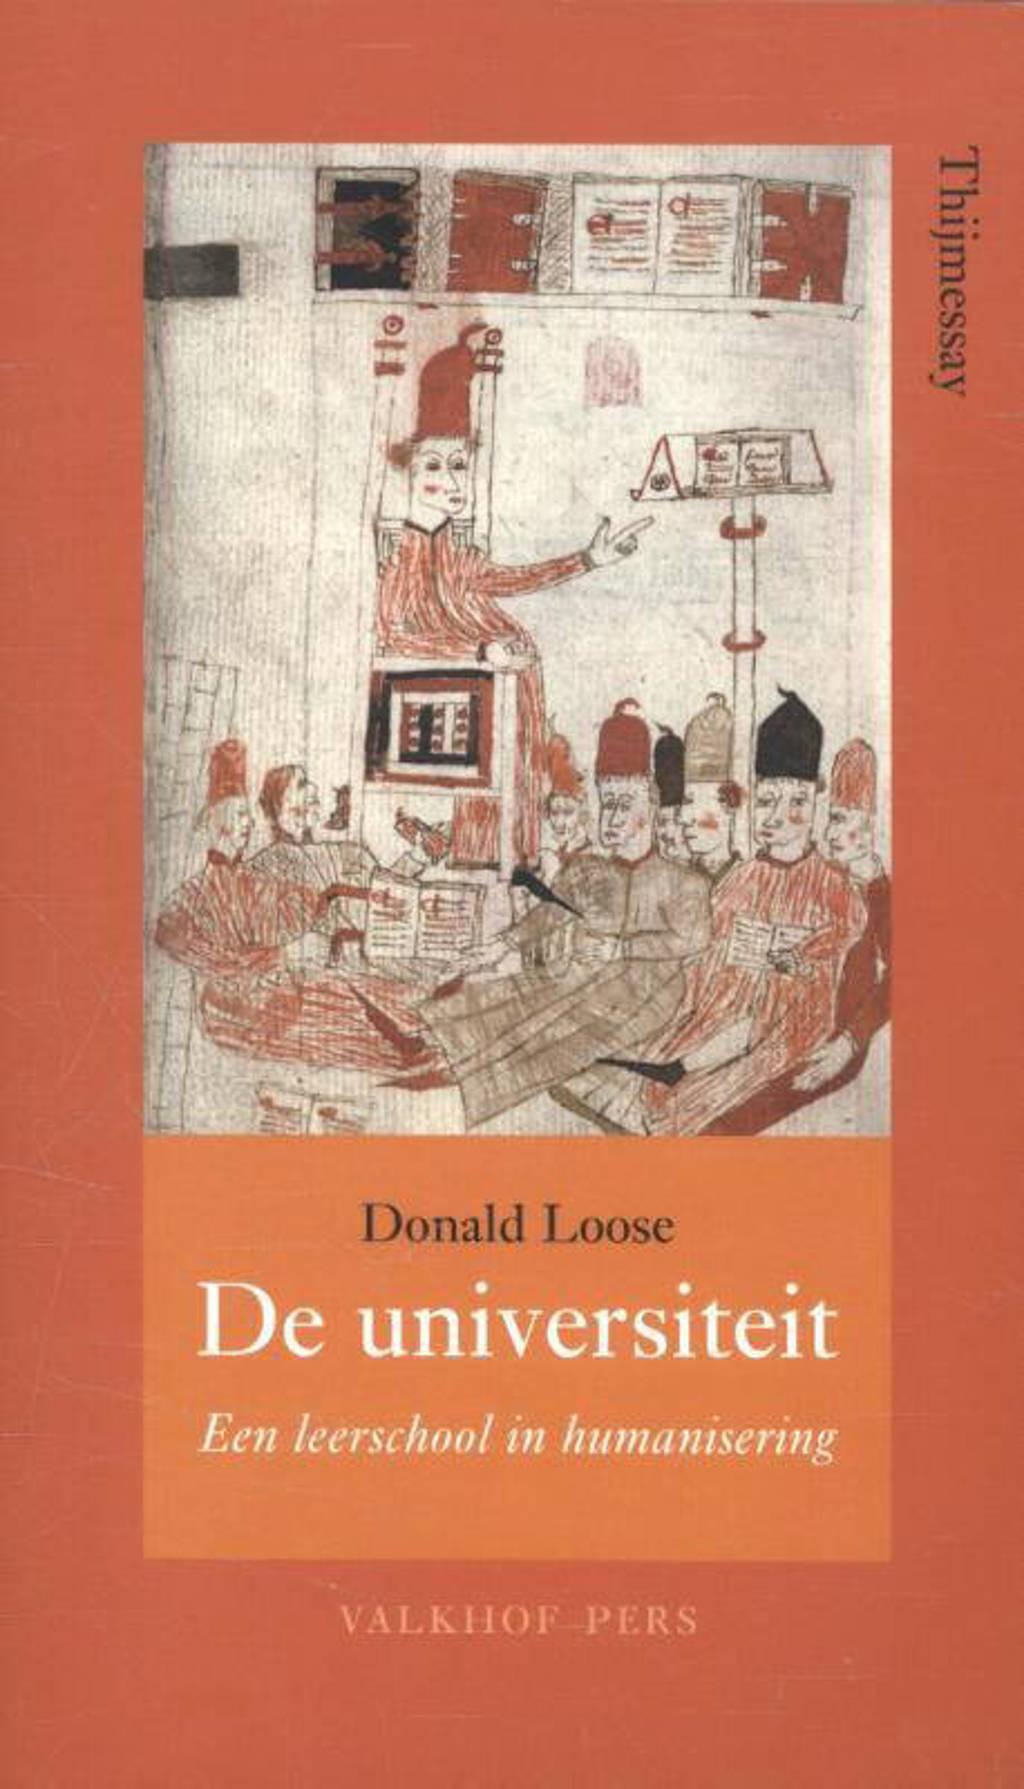 De universiteit - Donald Loose